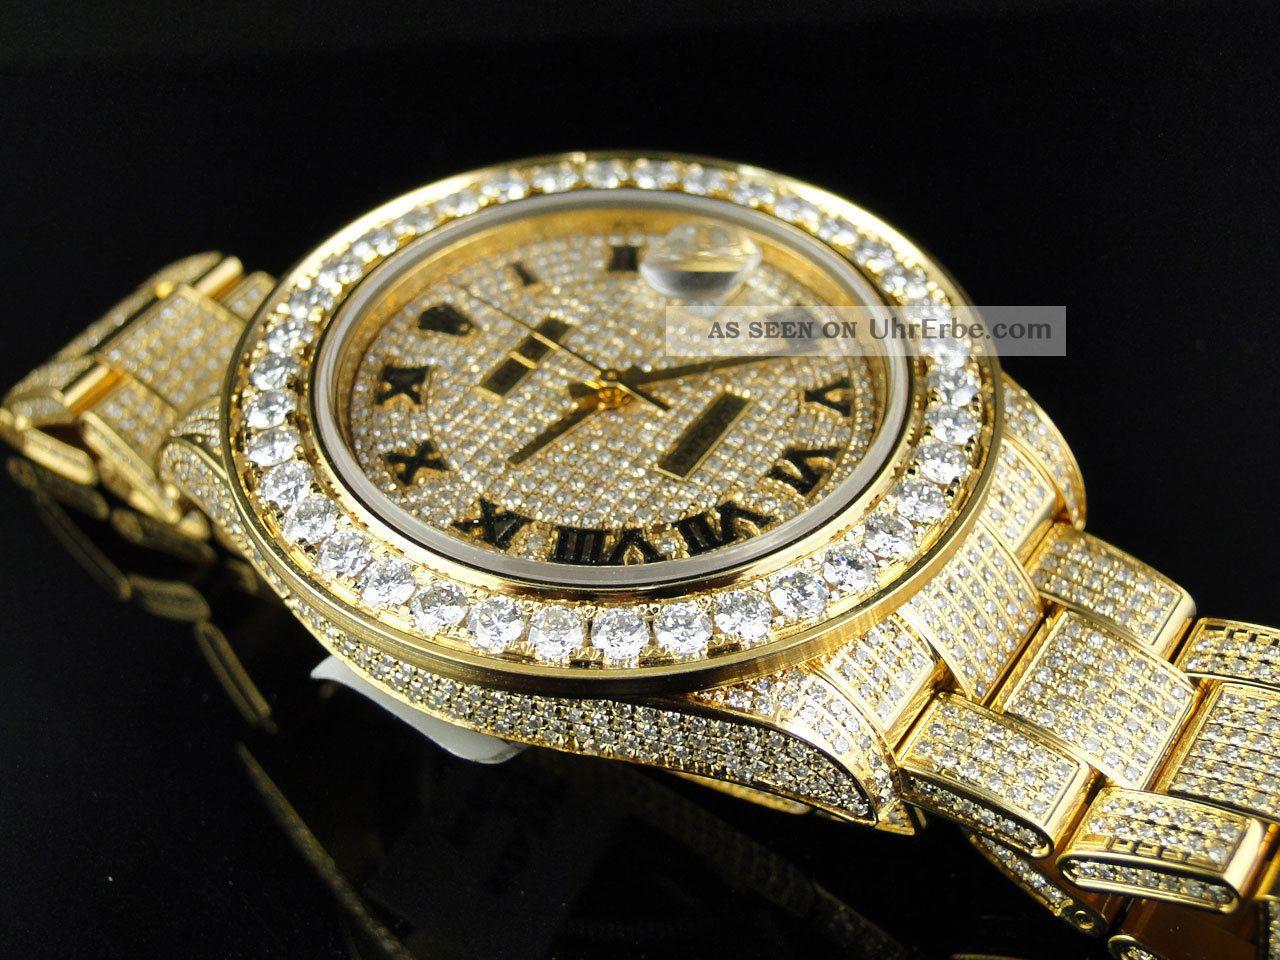 Herren Armbanduhr Rolex Date Just Ii 2 Mit Echten Diamanten 45mm